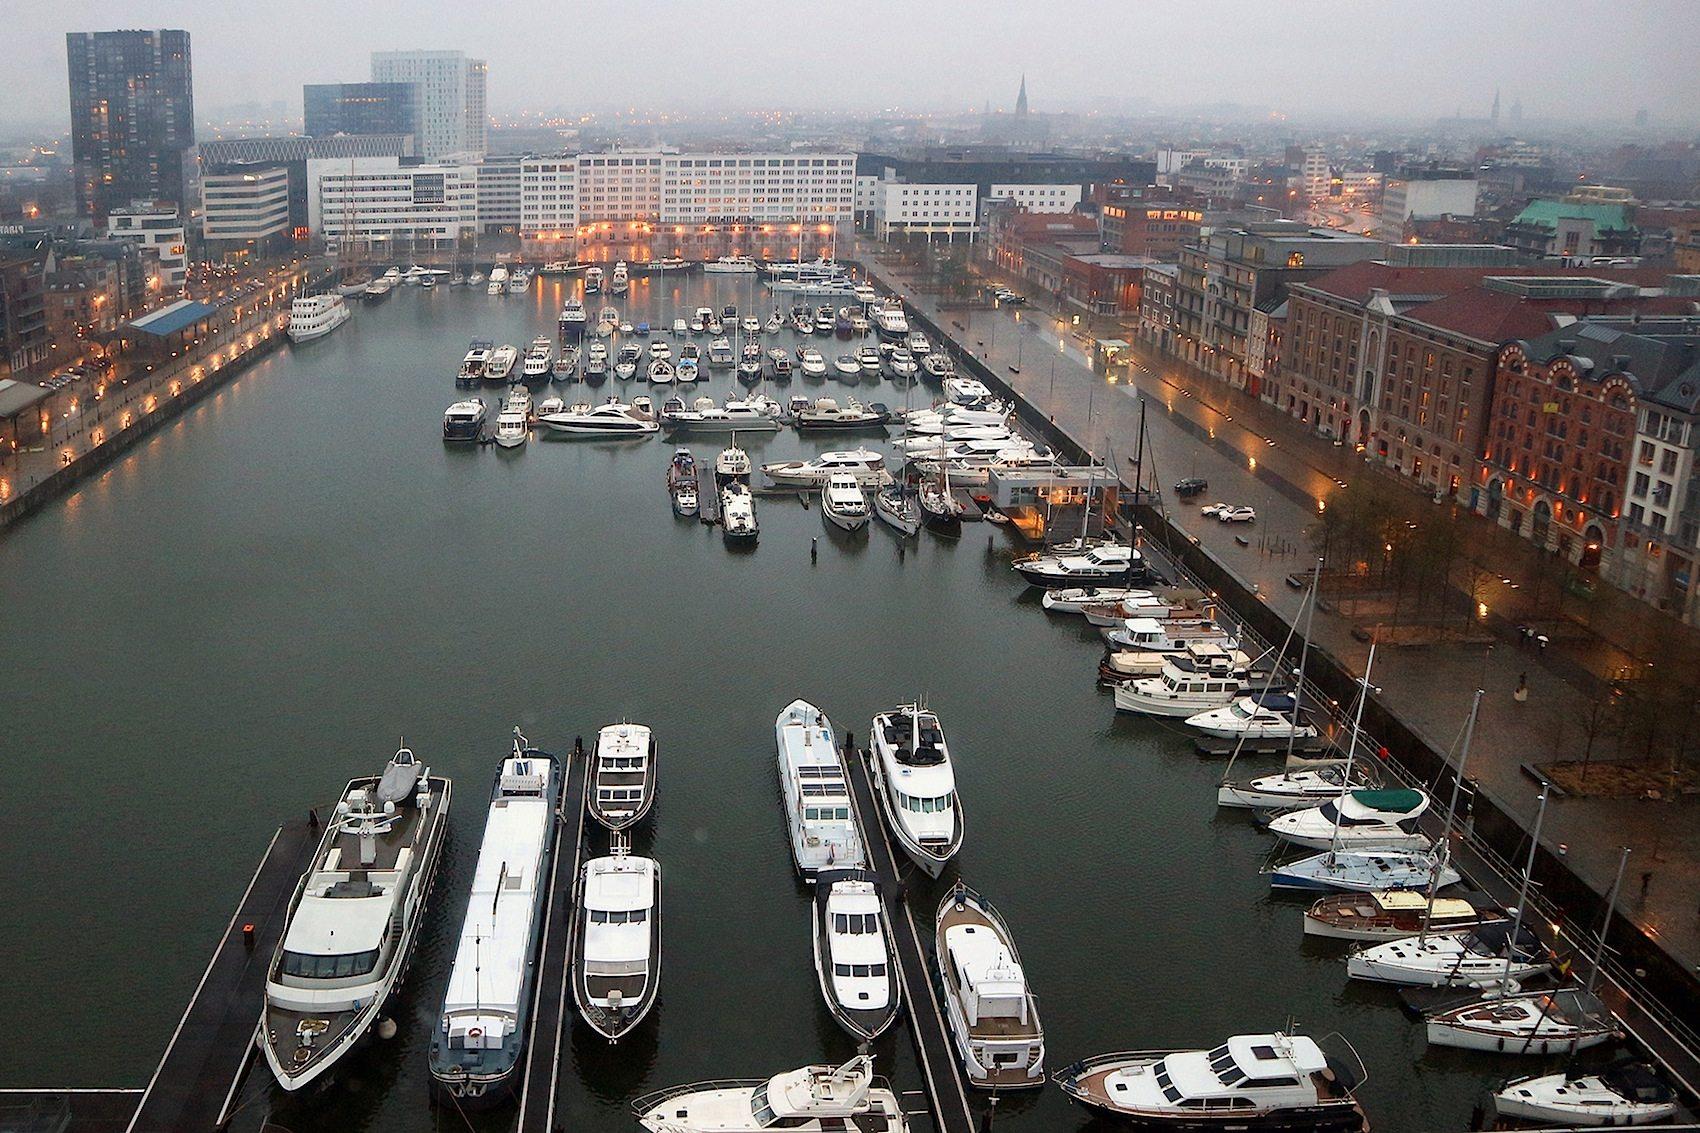 Historisch. Durch die gewellten Glasscheiben fällt der Blick hinunter auf die ältesten Docks der Stadt, den Willemdok und den Bonapartedok.